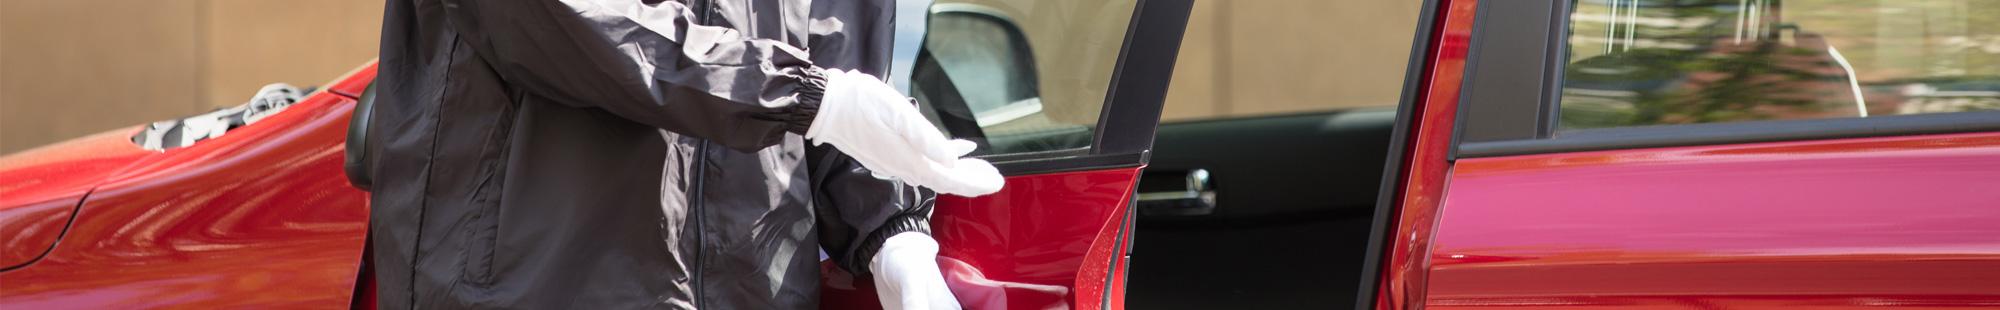 mężczyzna w rękawiczkach otwiera drzwi auta